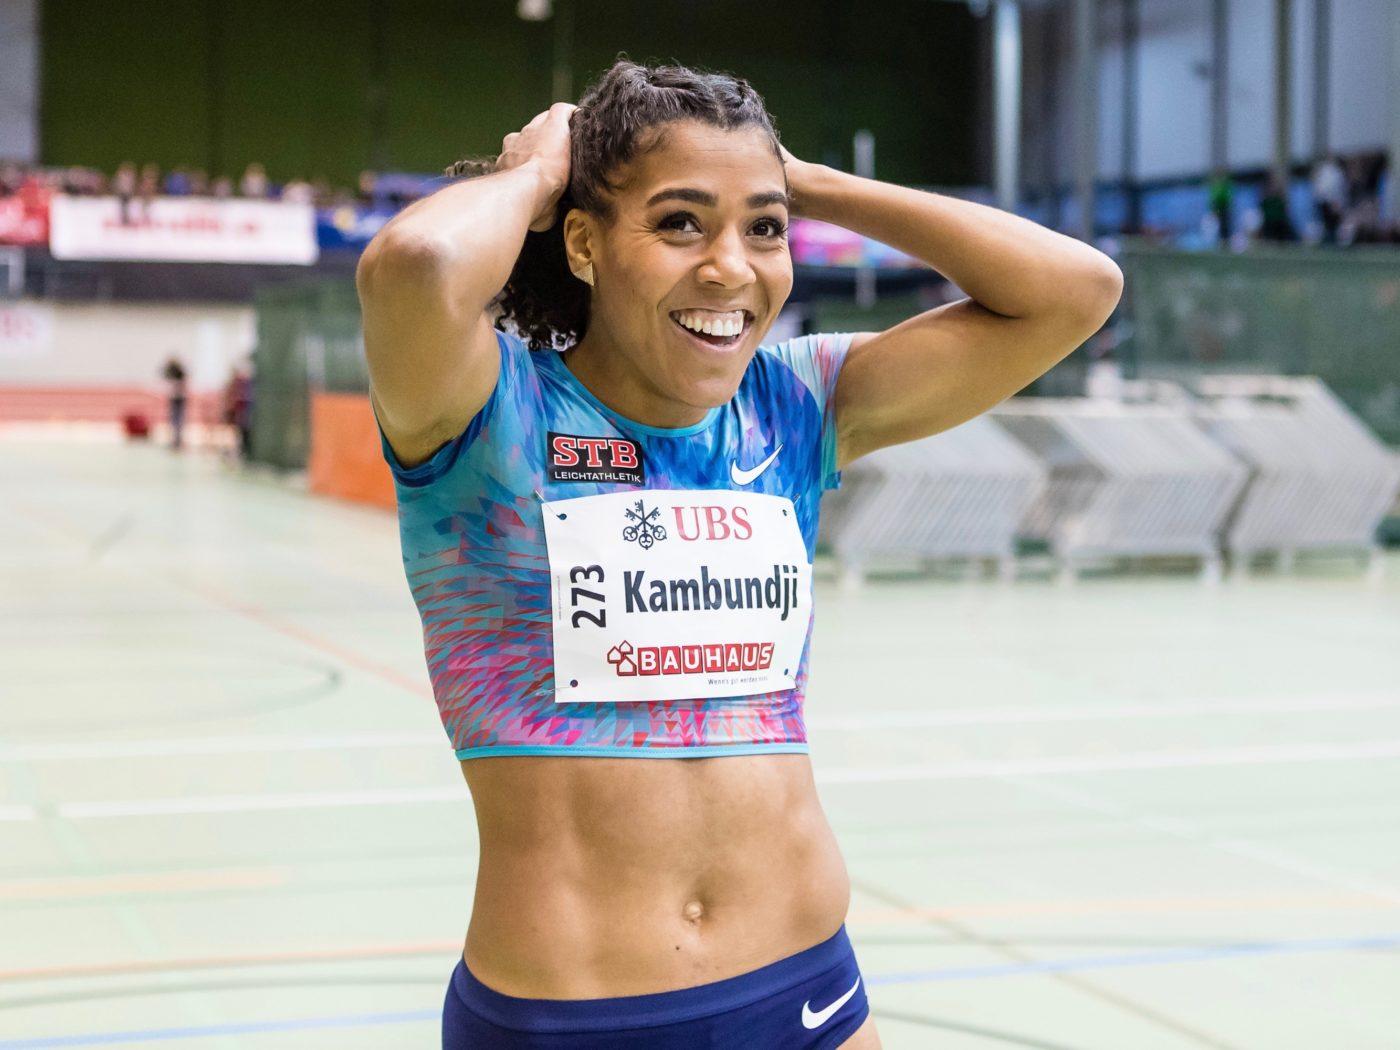 Mujinga Kambundji freut sich über ihren Schweizer Hallenrekord über 60 m (7,03) an den Hallen-Schweizer-Meisterschaften 2018 in Magglingen